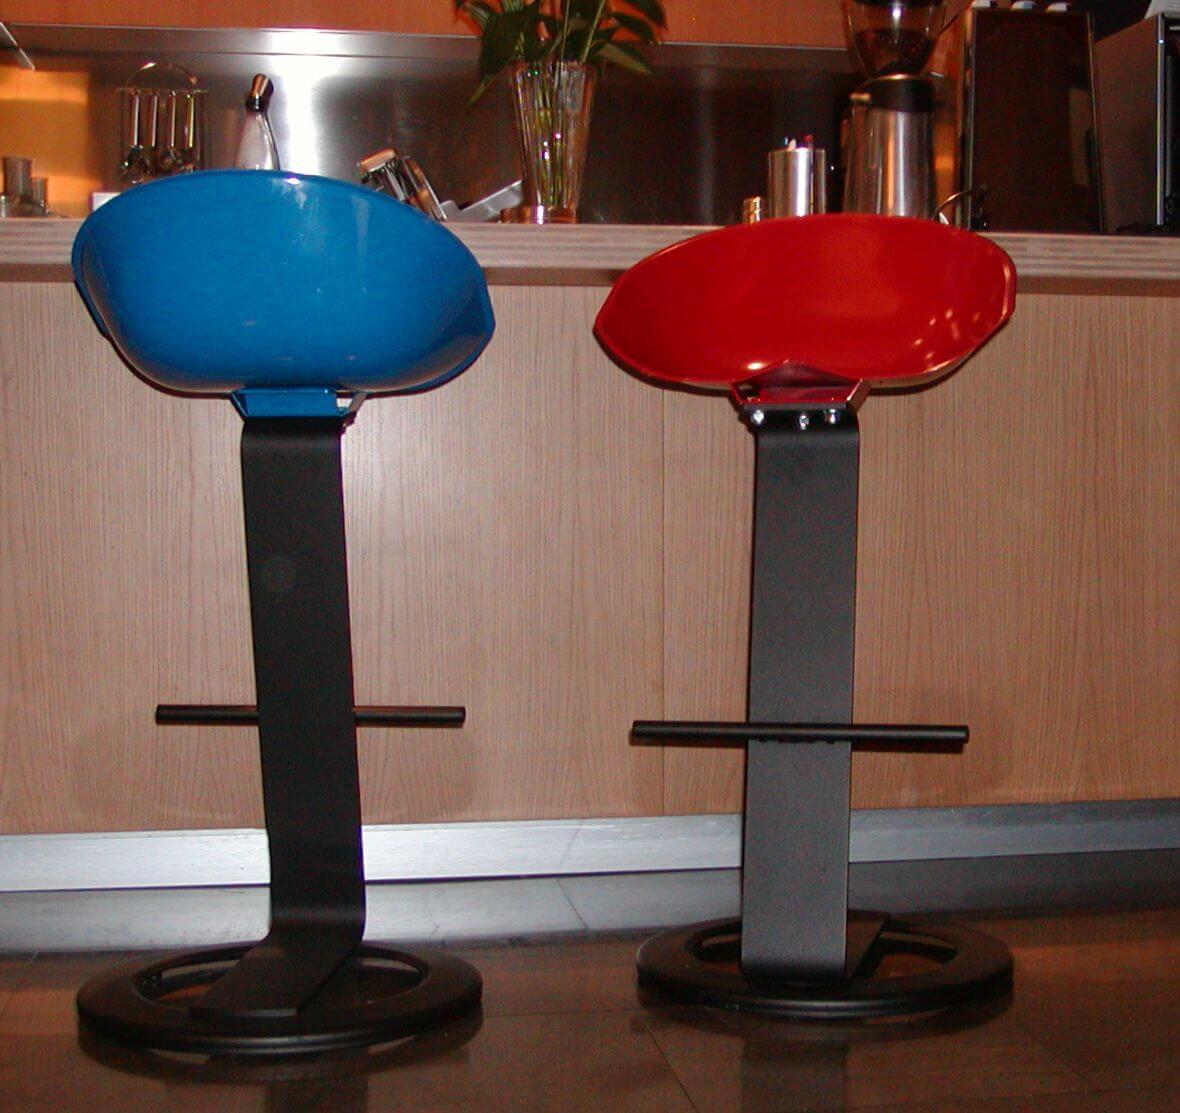 sgabelli per bar a reggio emilia di colore blu e rosso